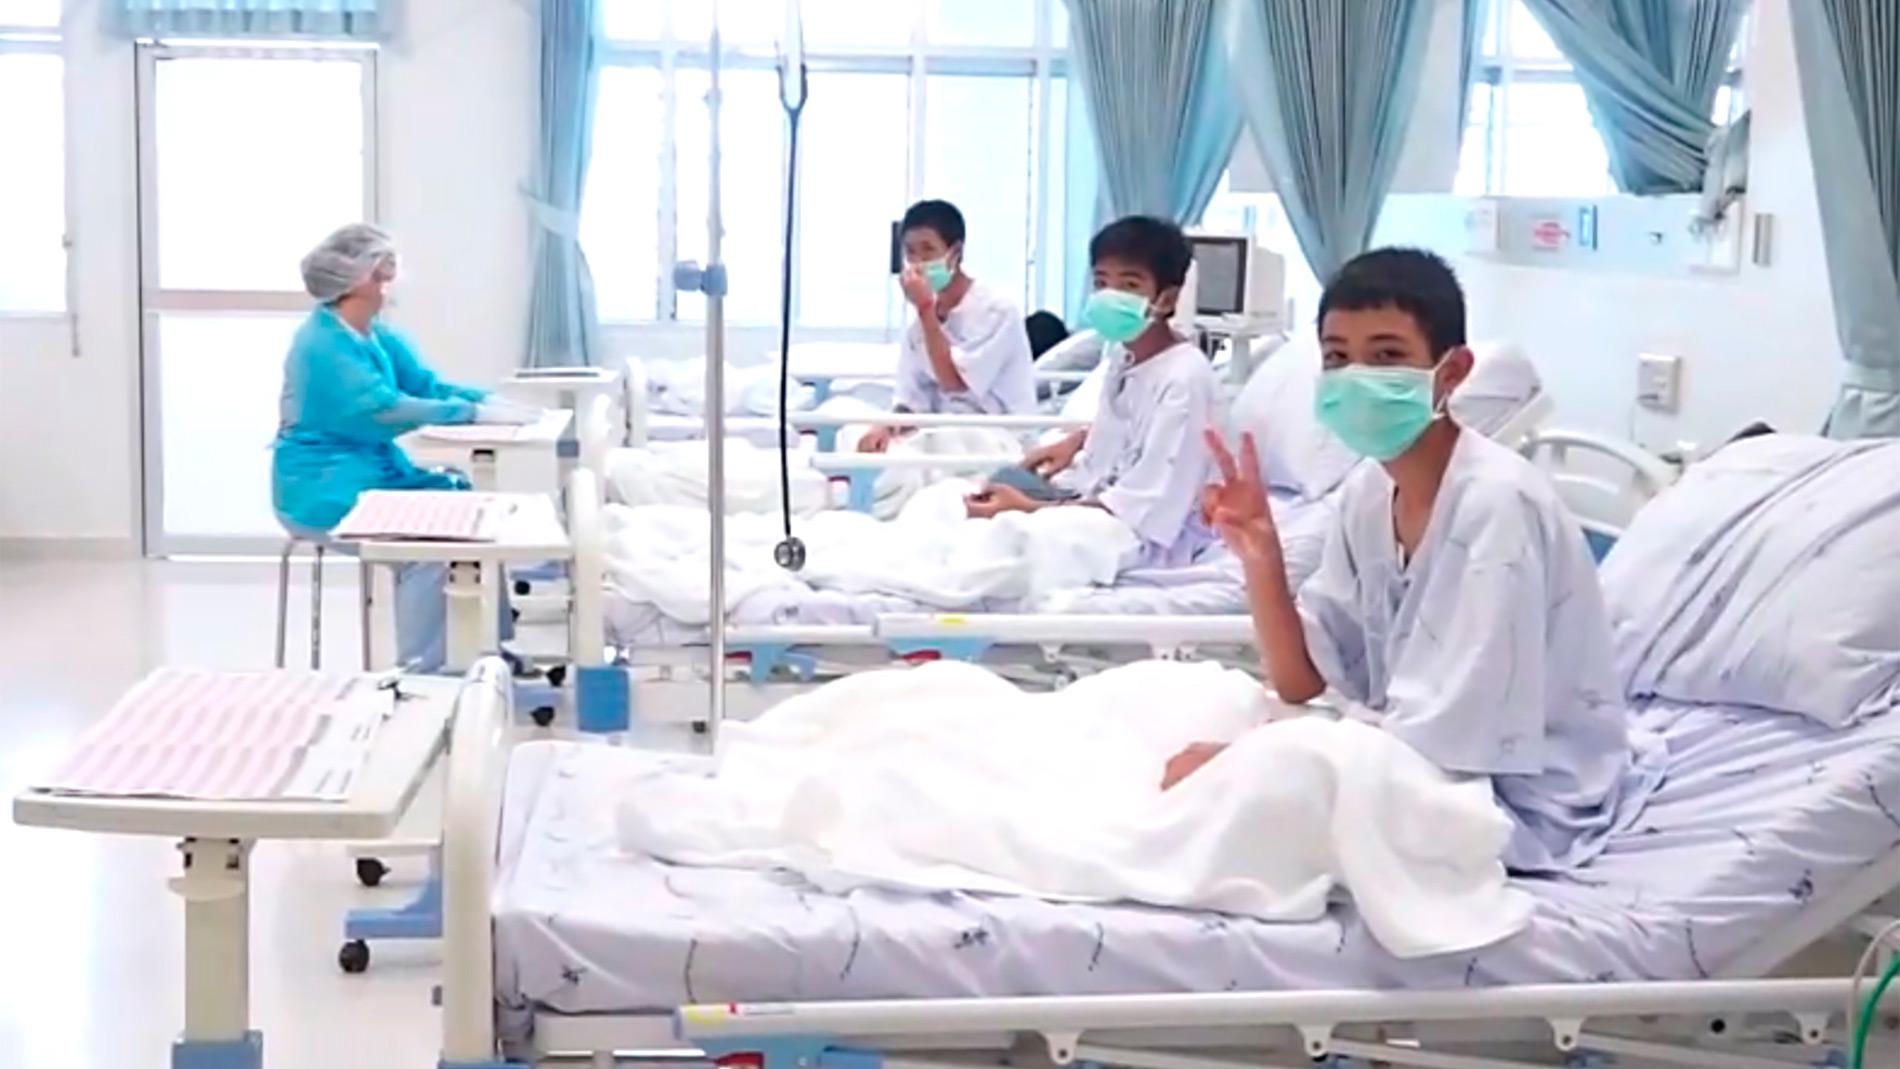 Los trece rescatados en Tailandia ya se recuperan en el hospital mientras el país celebra el éxito de la operación